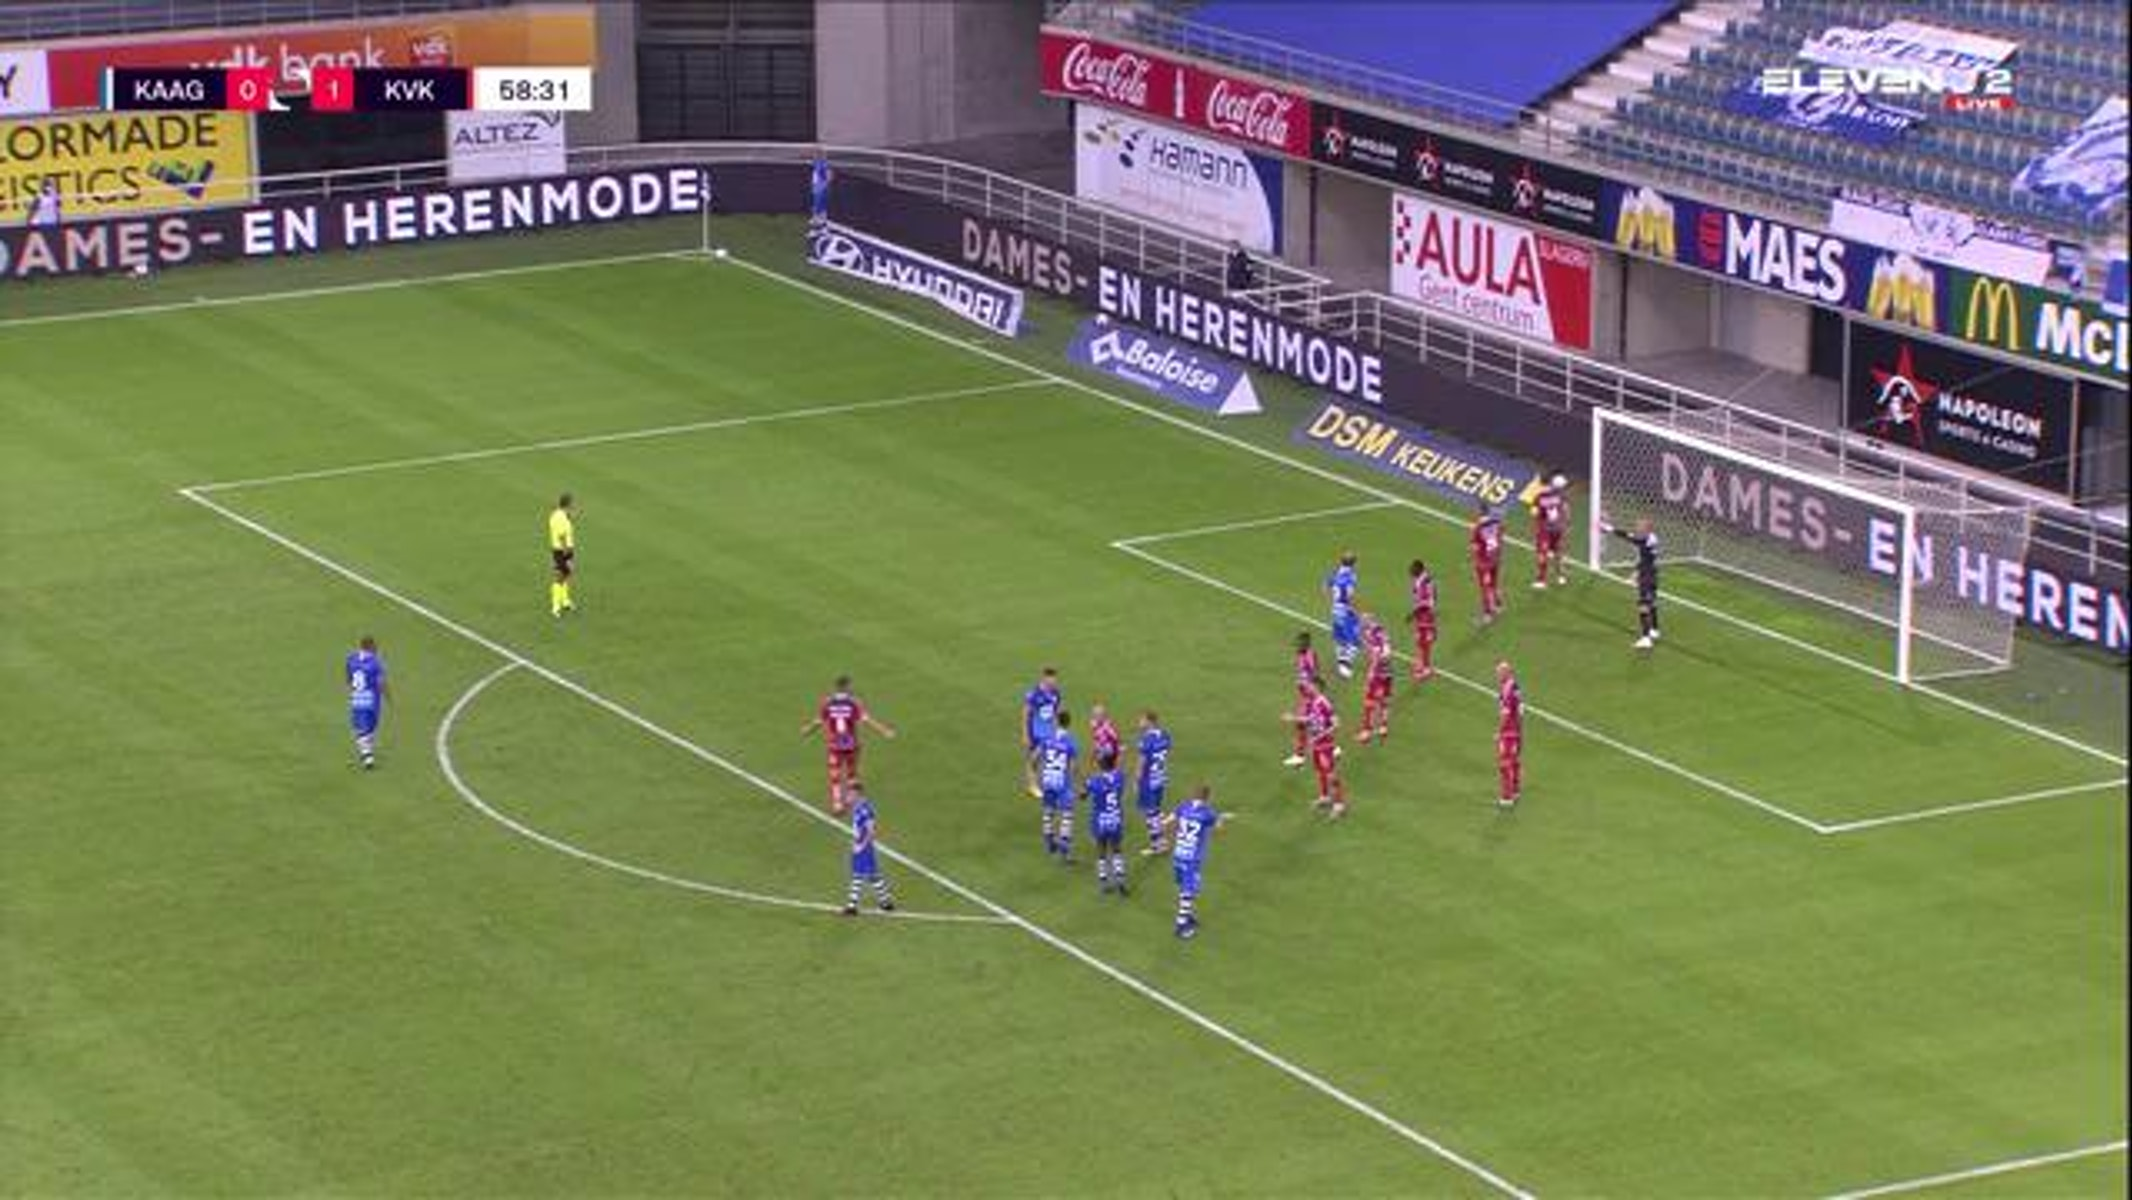 Doelpunt Igor Plastun (KAA Gent vs. KV Kortrijk)